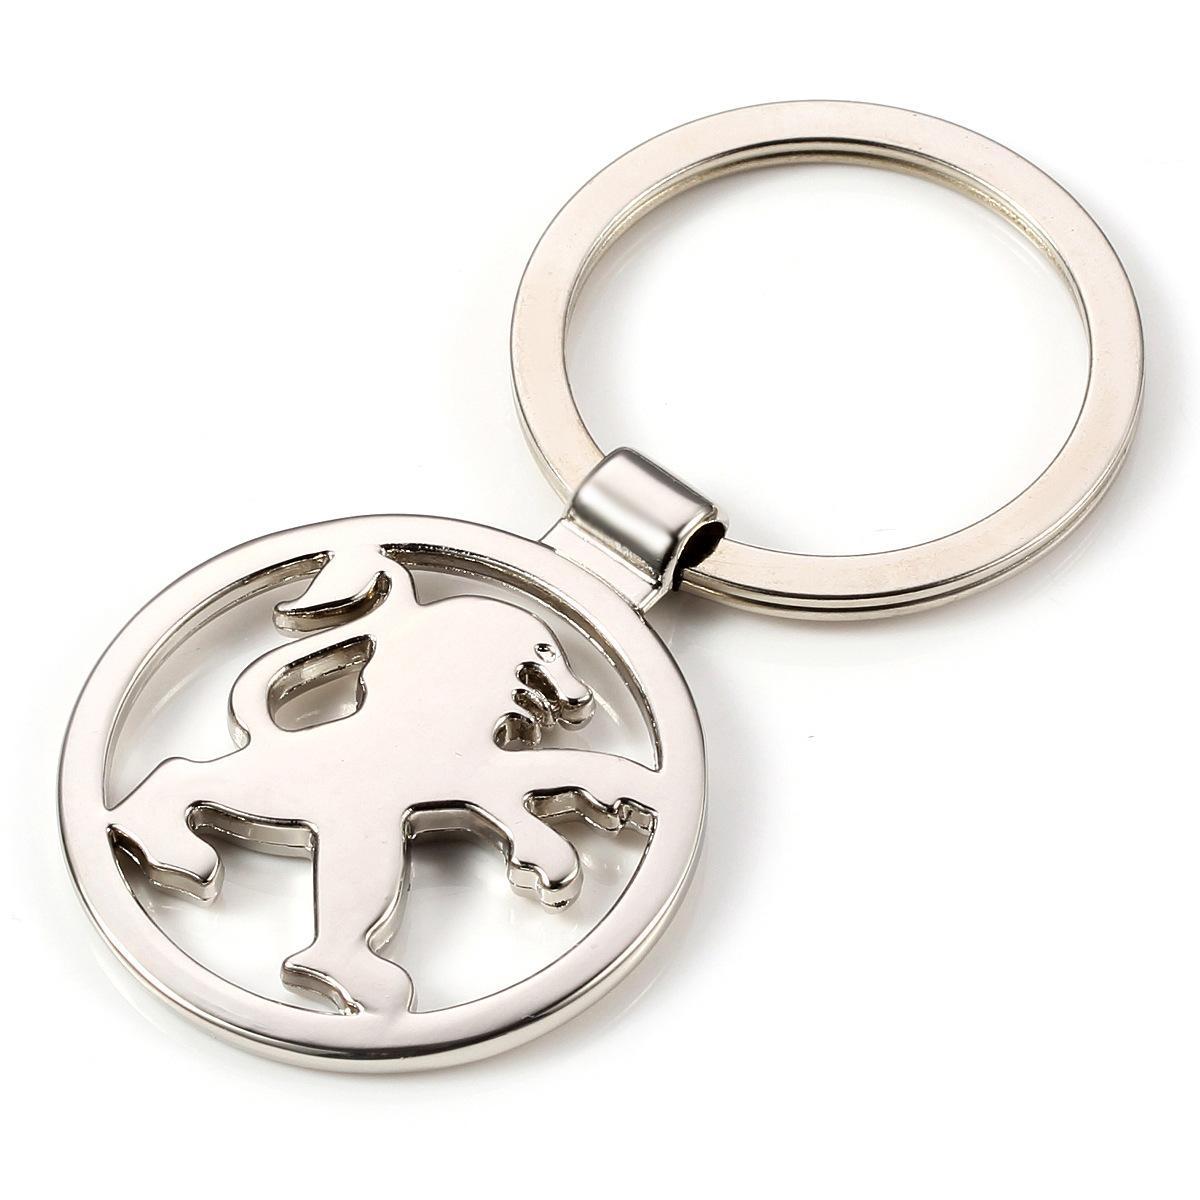 بيجو 406 2008 3008 208 508 607 مدير شريك شعار شارة معدنية Embem كيرينغ حلقة المفاتيح مفتاح سلسلة